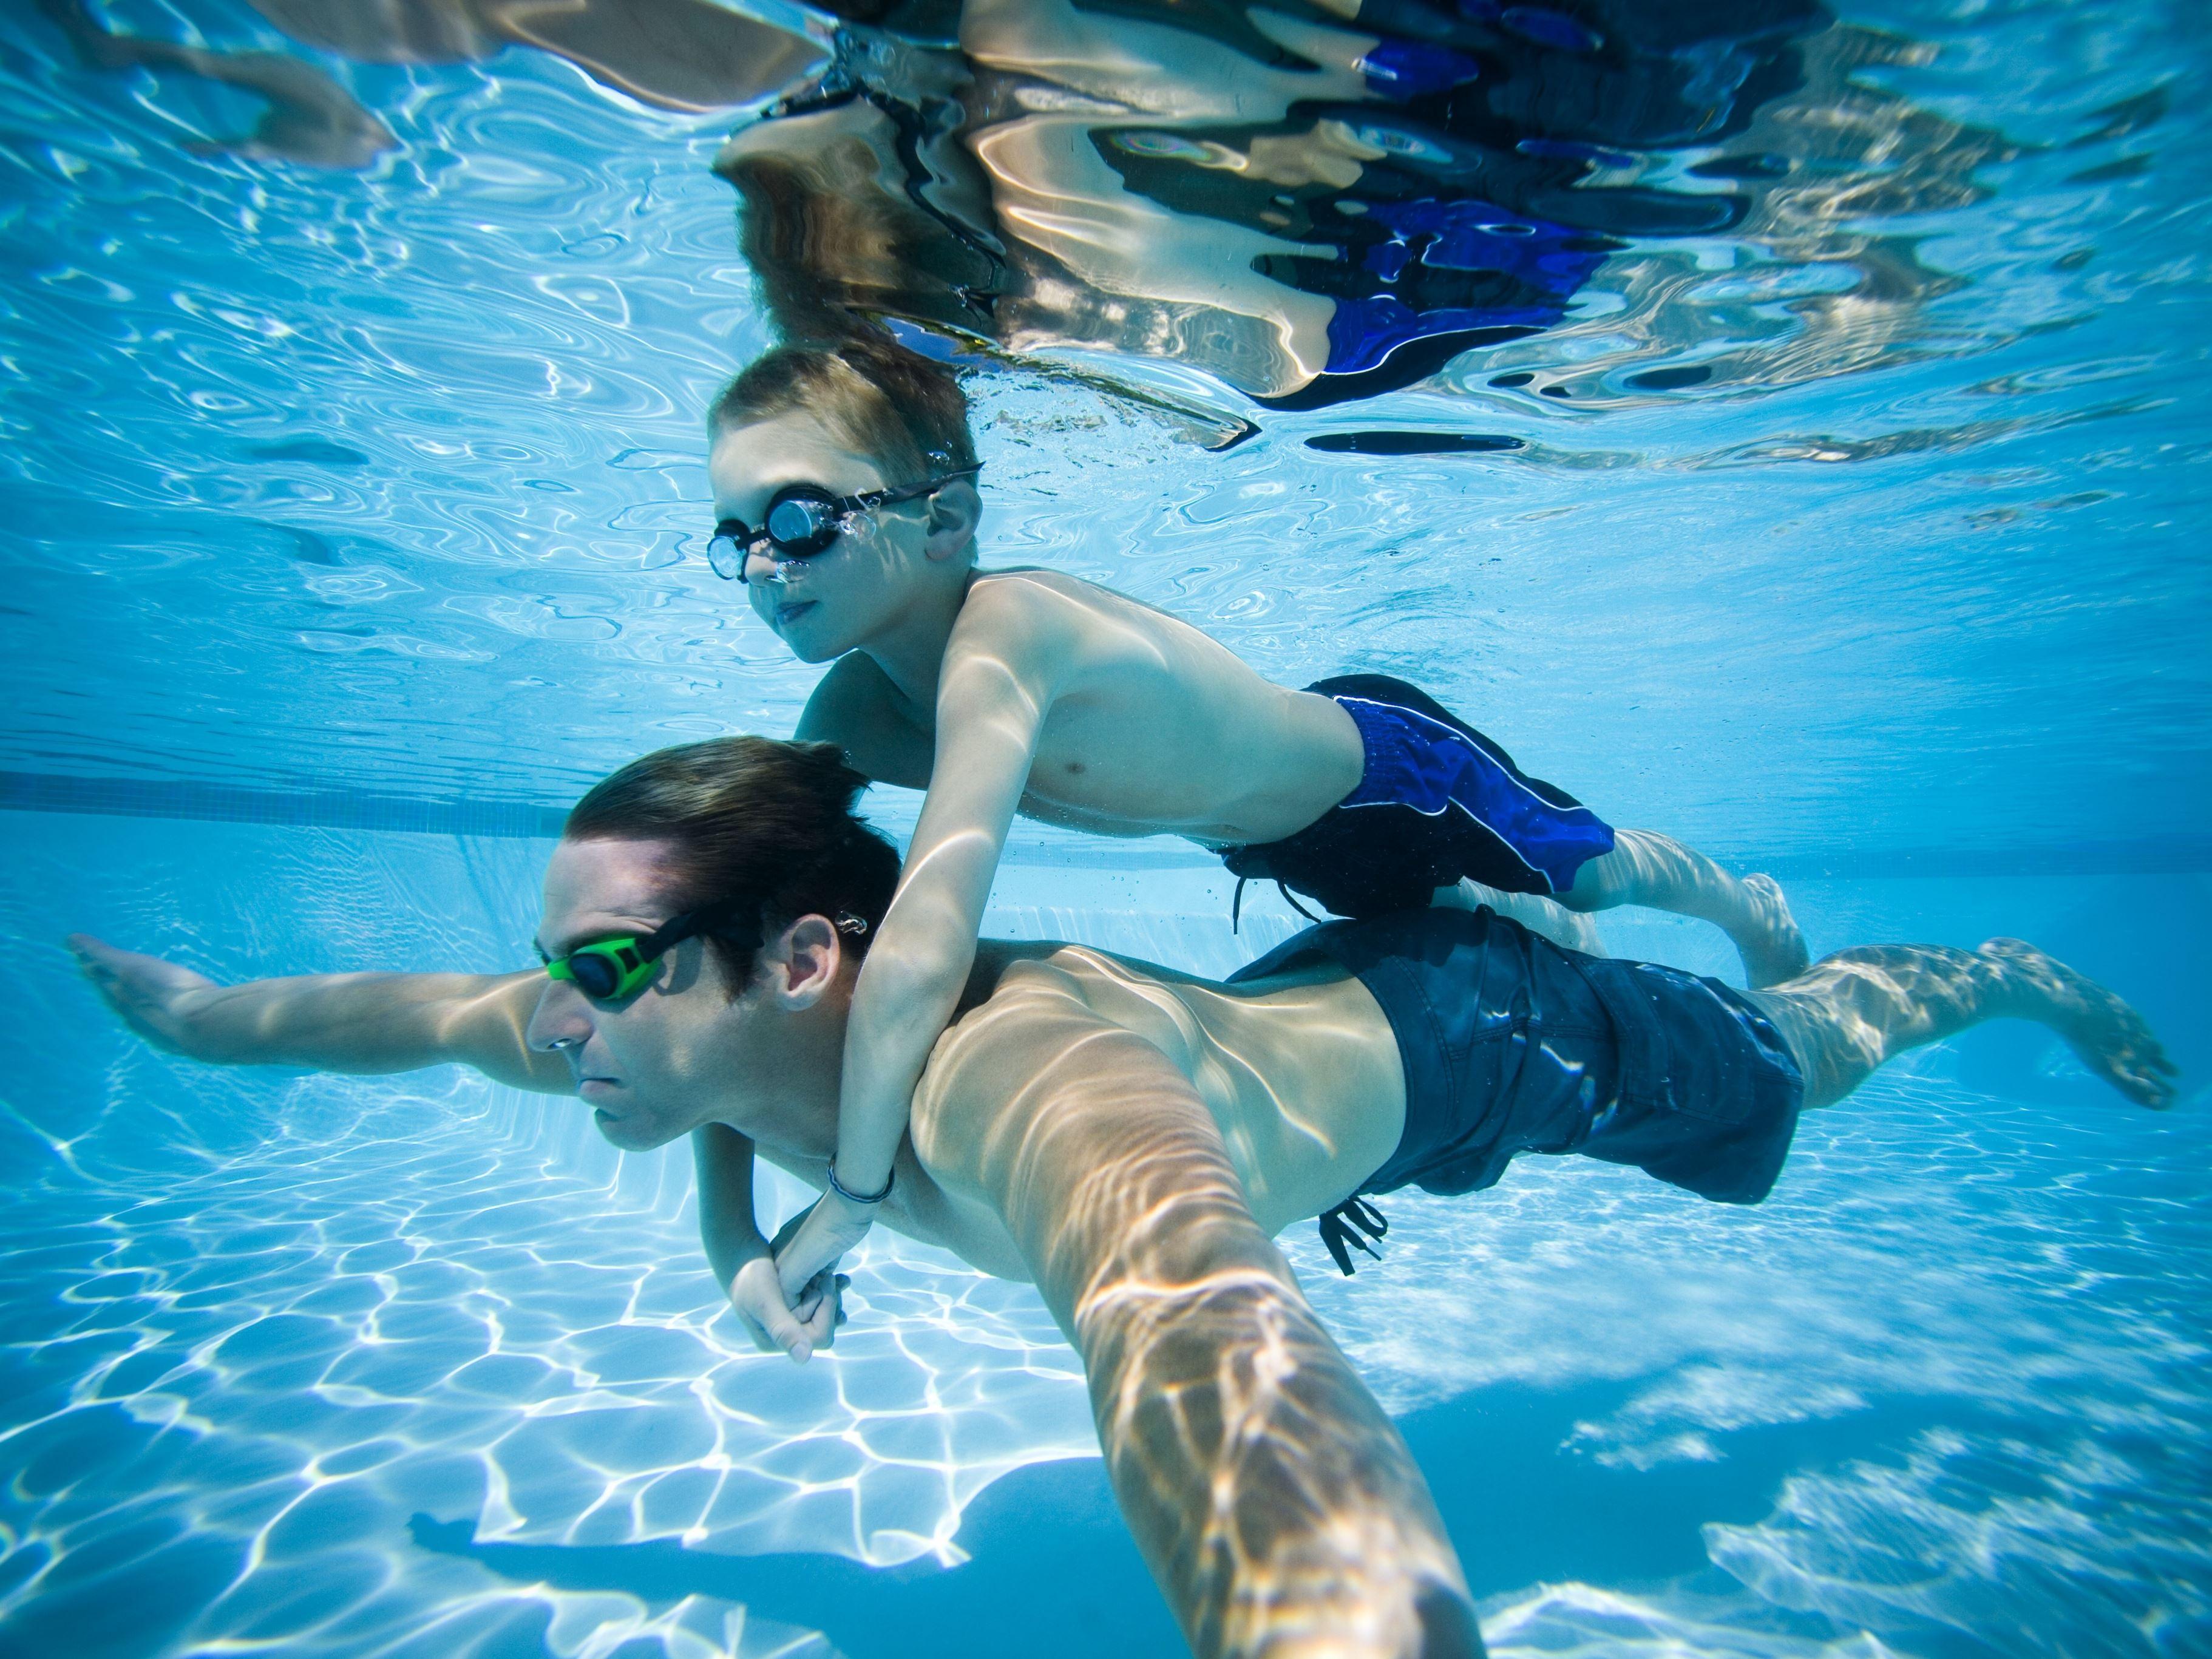 Foto: Storsjöbadet,  © Copy: Storsjöbadet, Två personer som simmar under vattnet